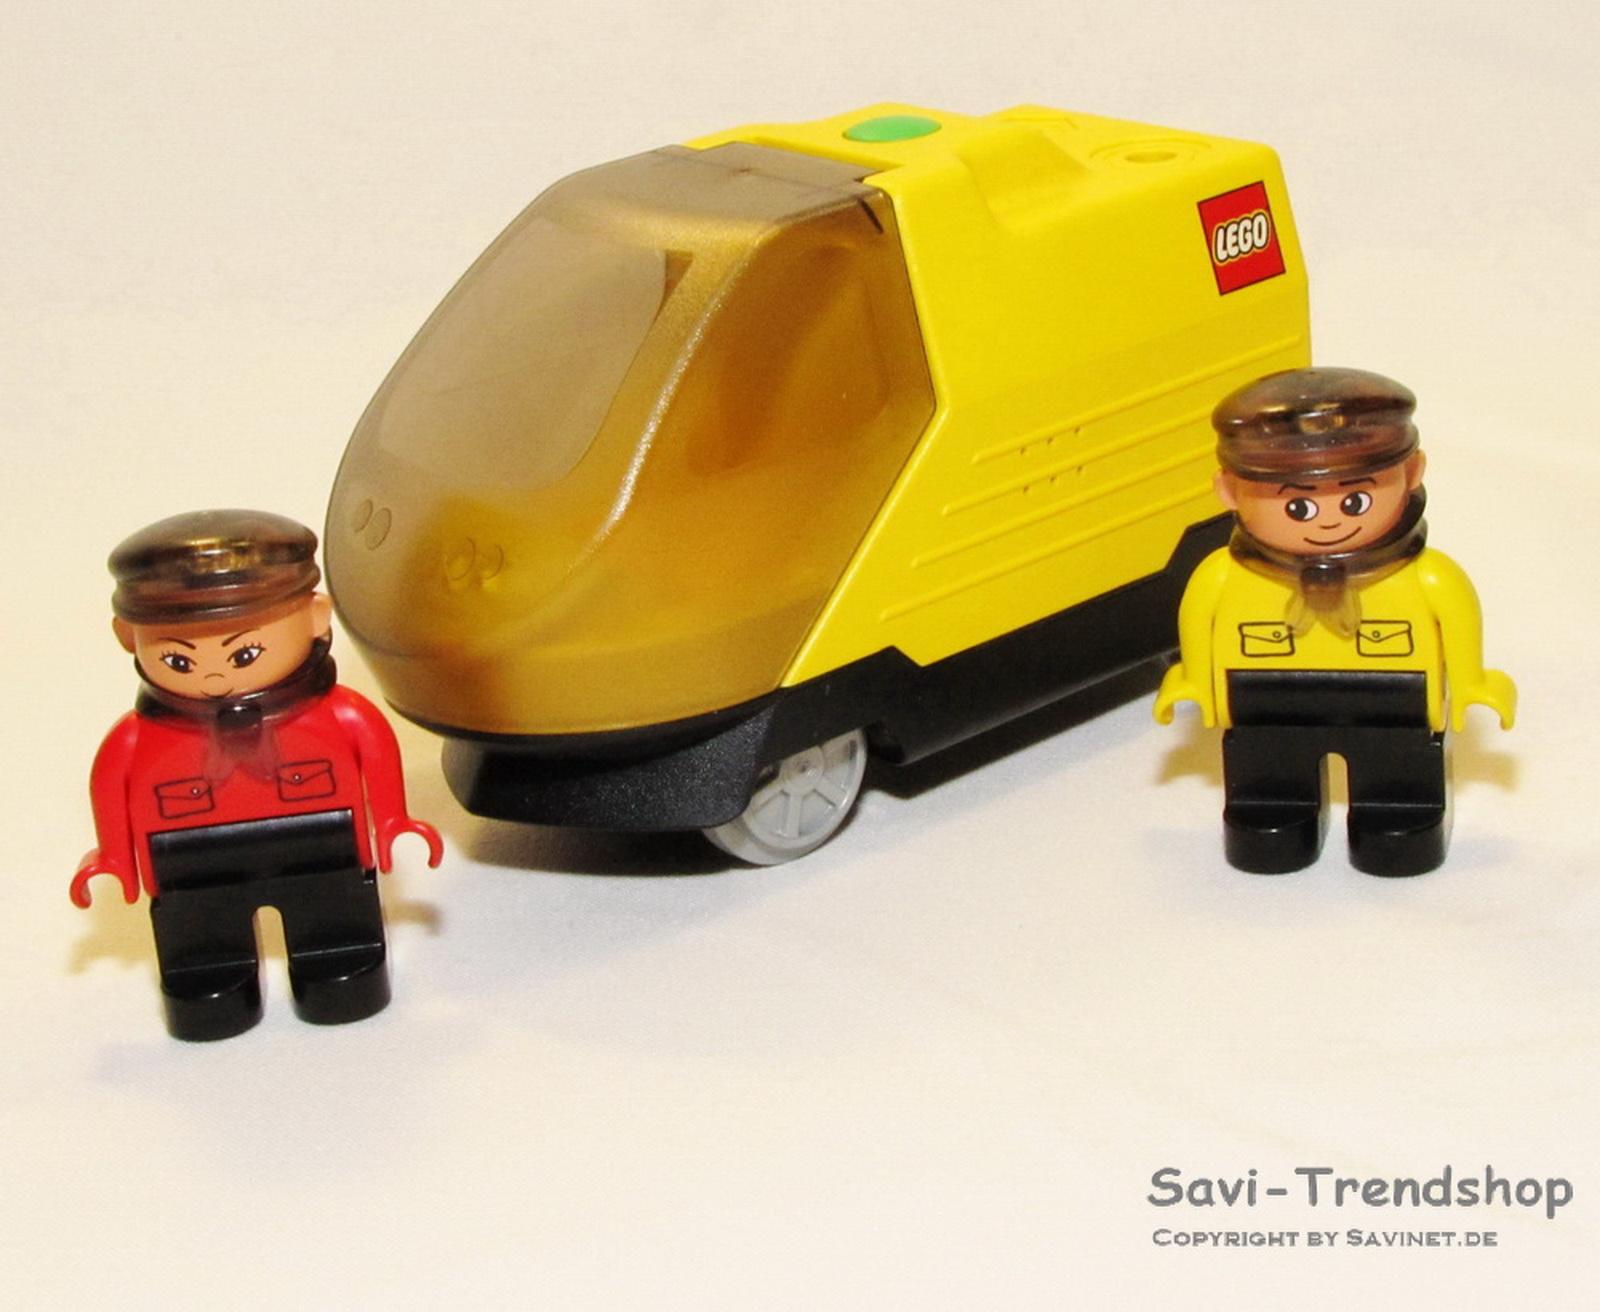 Faq Lego Duplo Lok Savi Trendblog